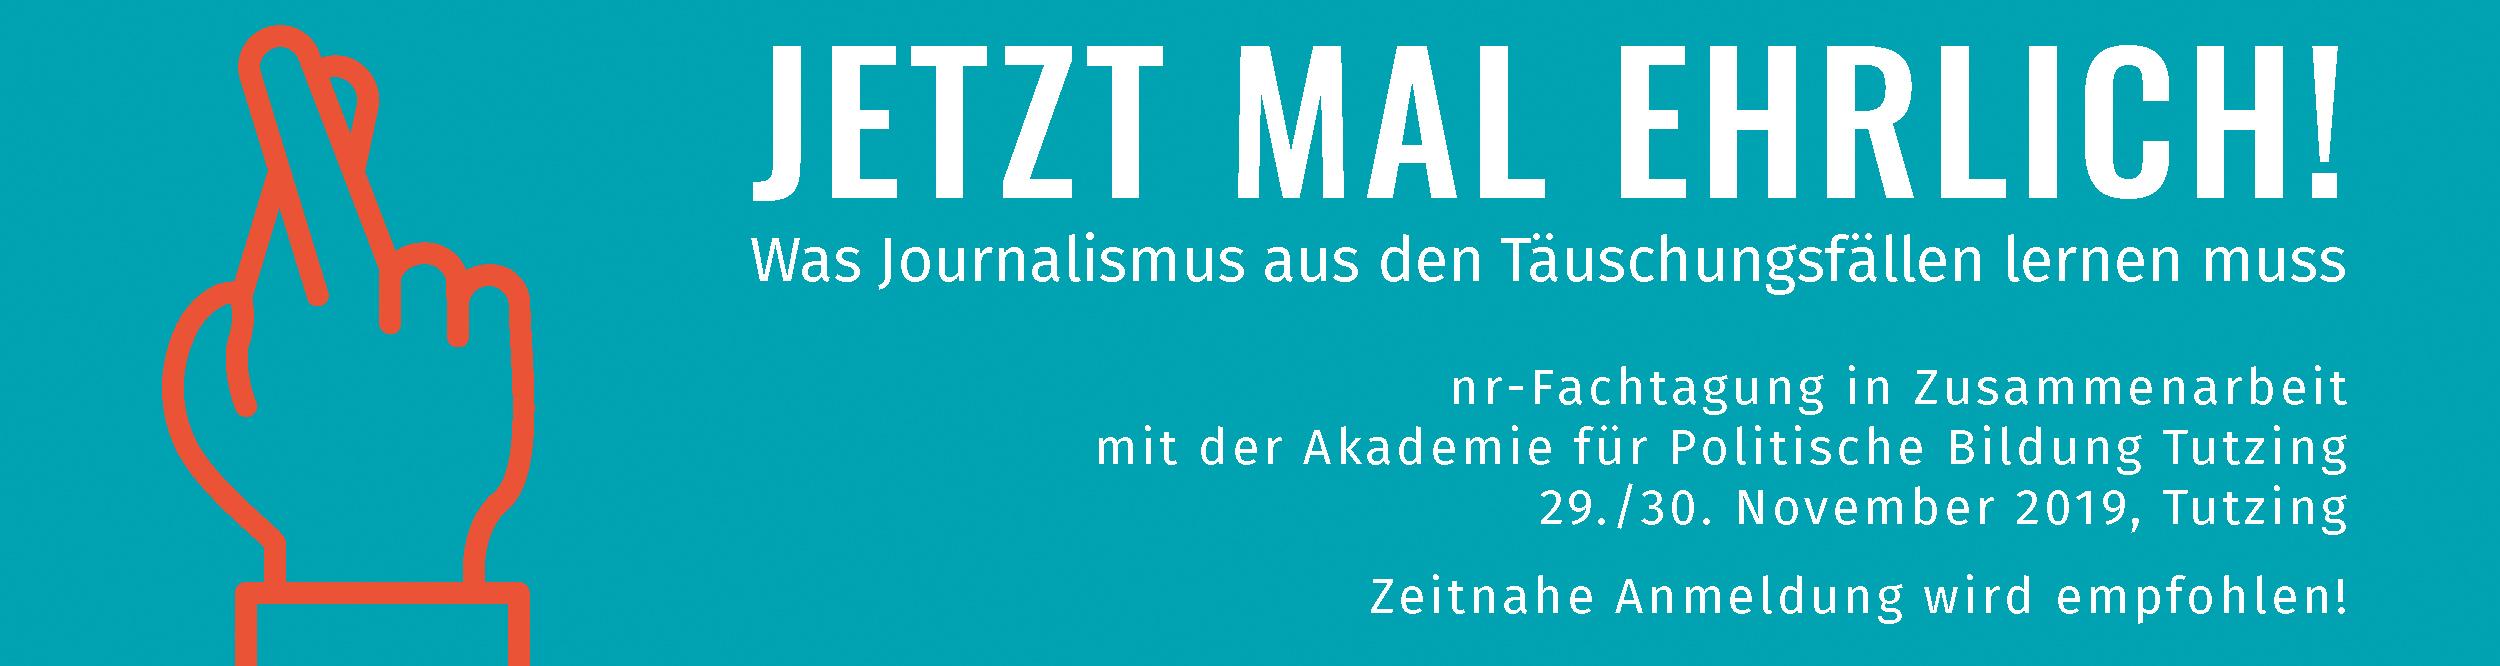 JETZT MAL EHRLICH! Was Journalismus aus den Täuschungsfällen lernen muss. nr-Fachtagung in Zusammenarbeit mit der Akademie für Politische Bildung Tutzing 29./30. November 2019, Tutzing. Zeitnahe Anmeldung wird empfohlen!